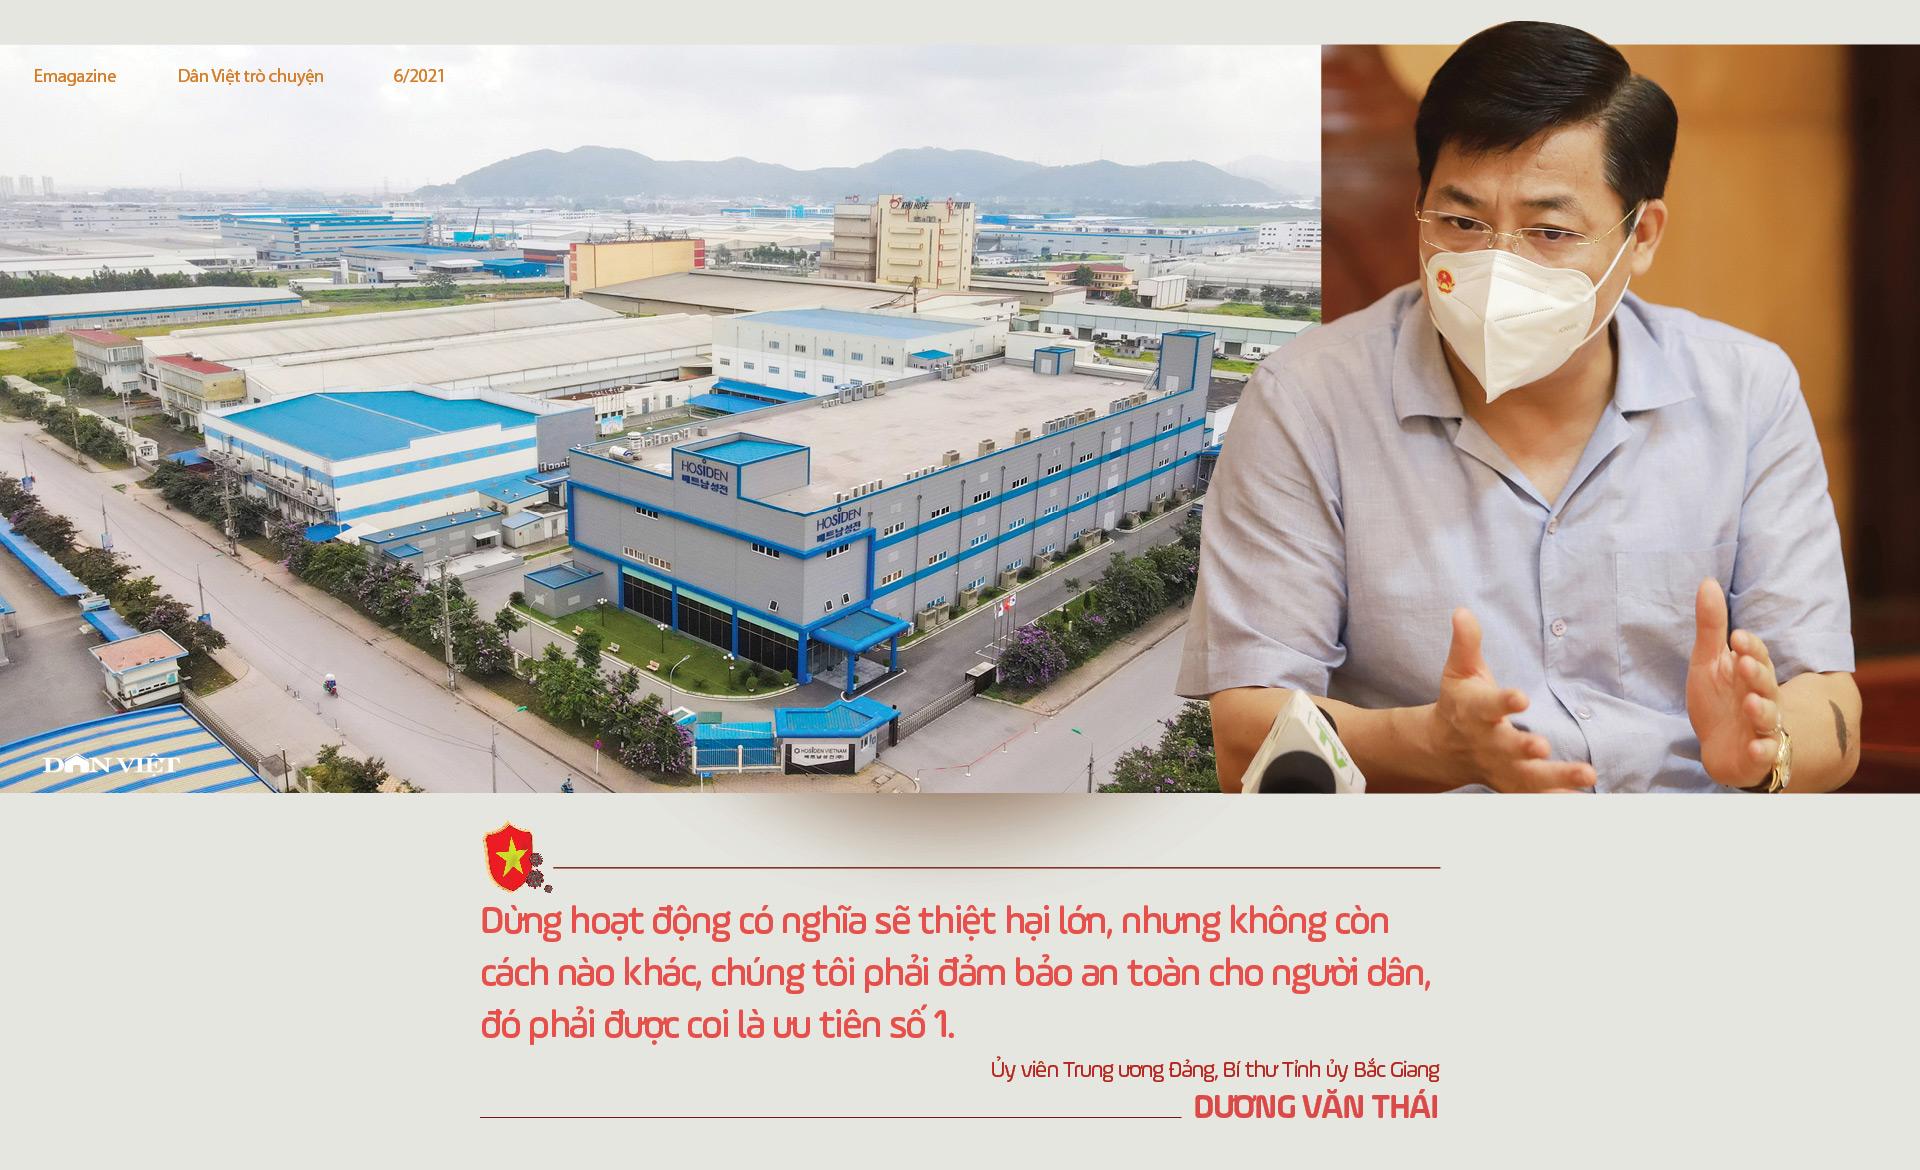 Ủy viên Trung ương Đảng, Bí thư Tỉnh ủy Bắc Giang Dương Văn Thái: Mùa vải nóng sẽ…ngọt ngào! - Ảnh 14.